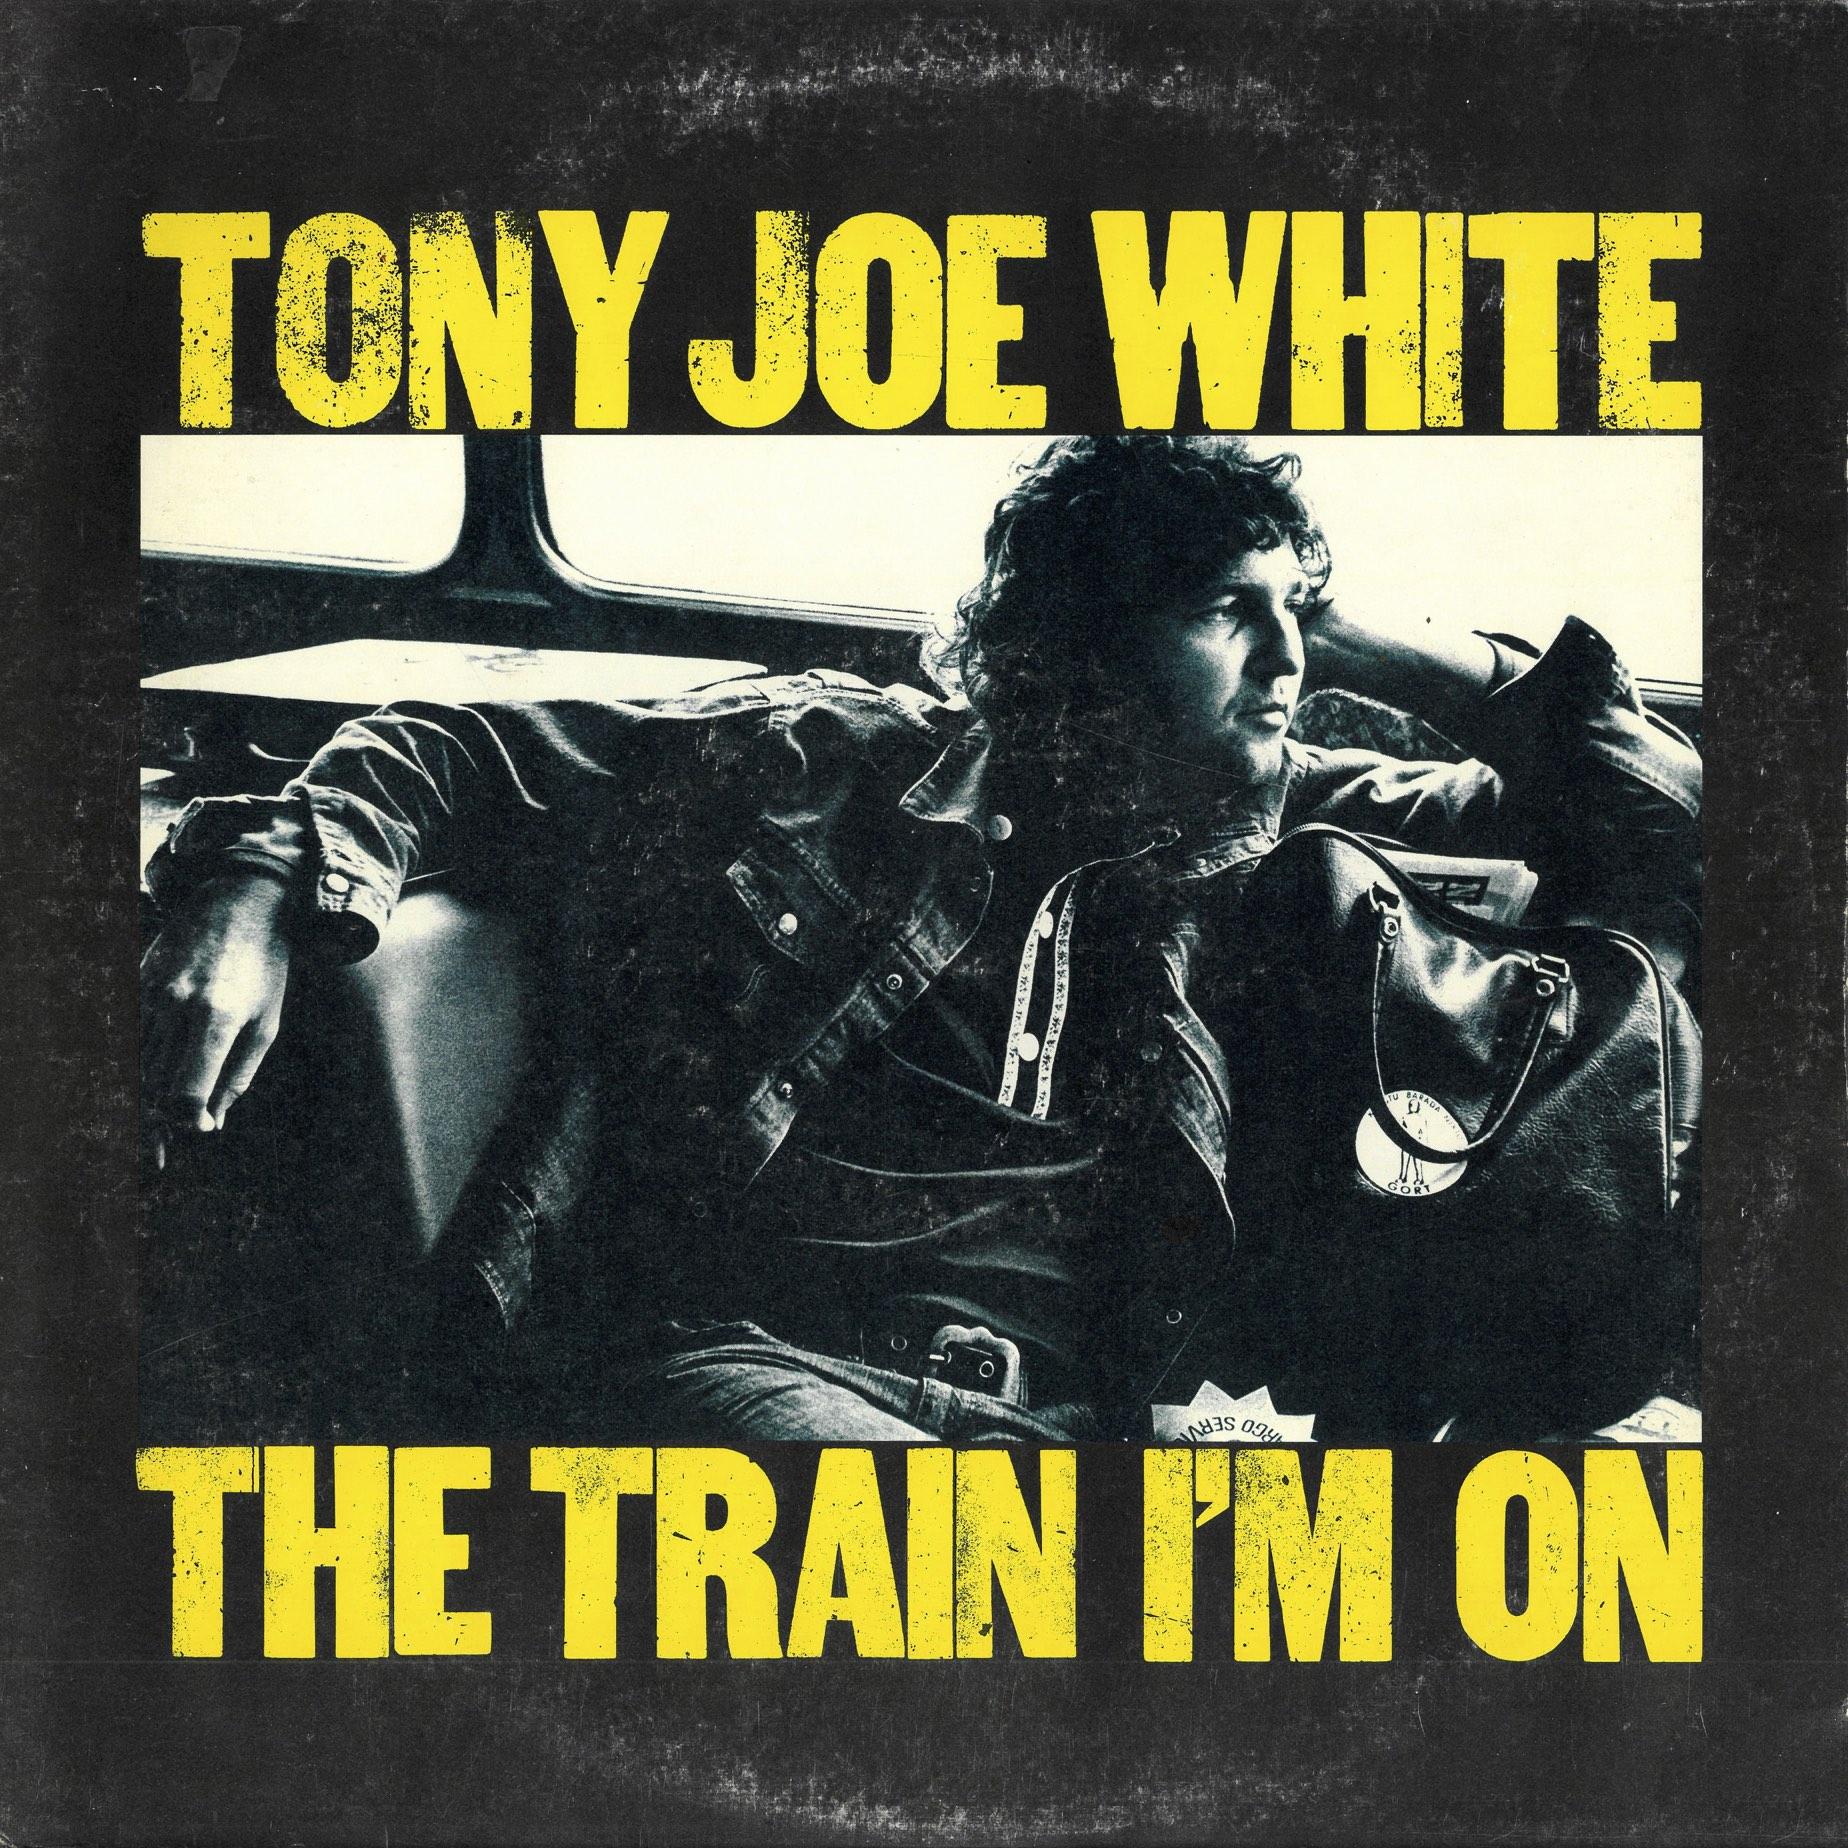 1991_Tony_Joe_White